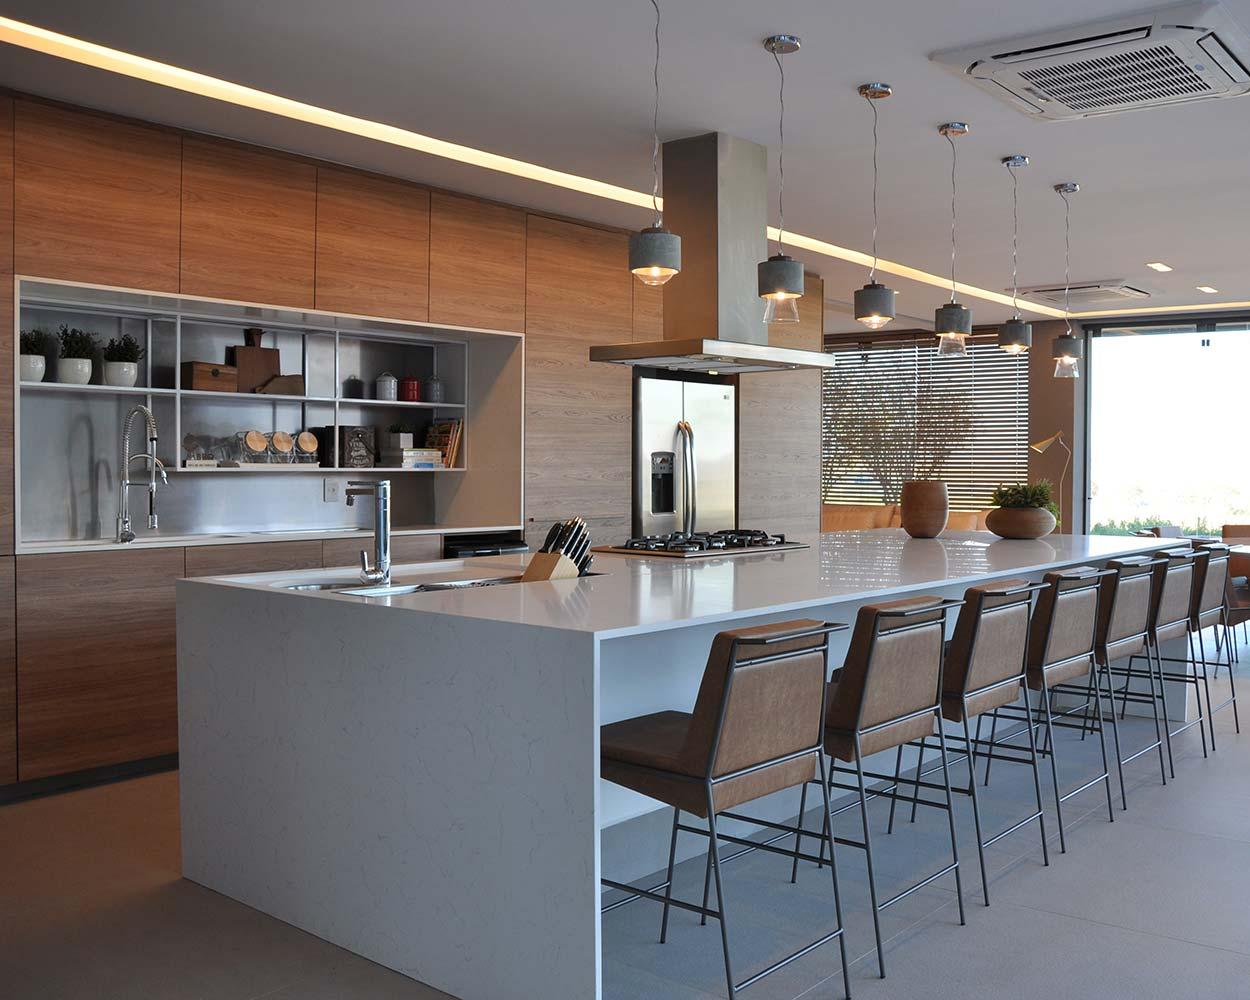 veridianaperes-interiores-residenciaFF13